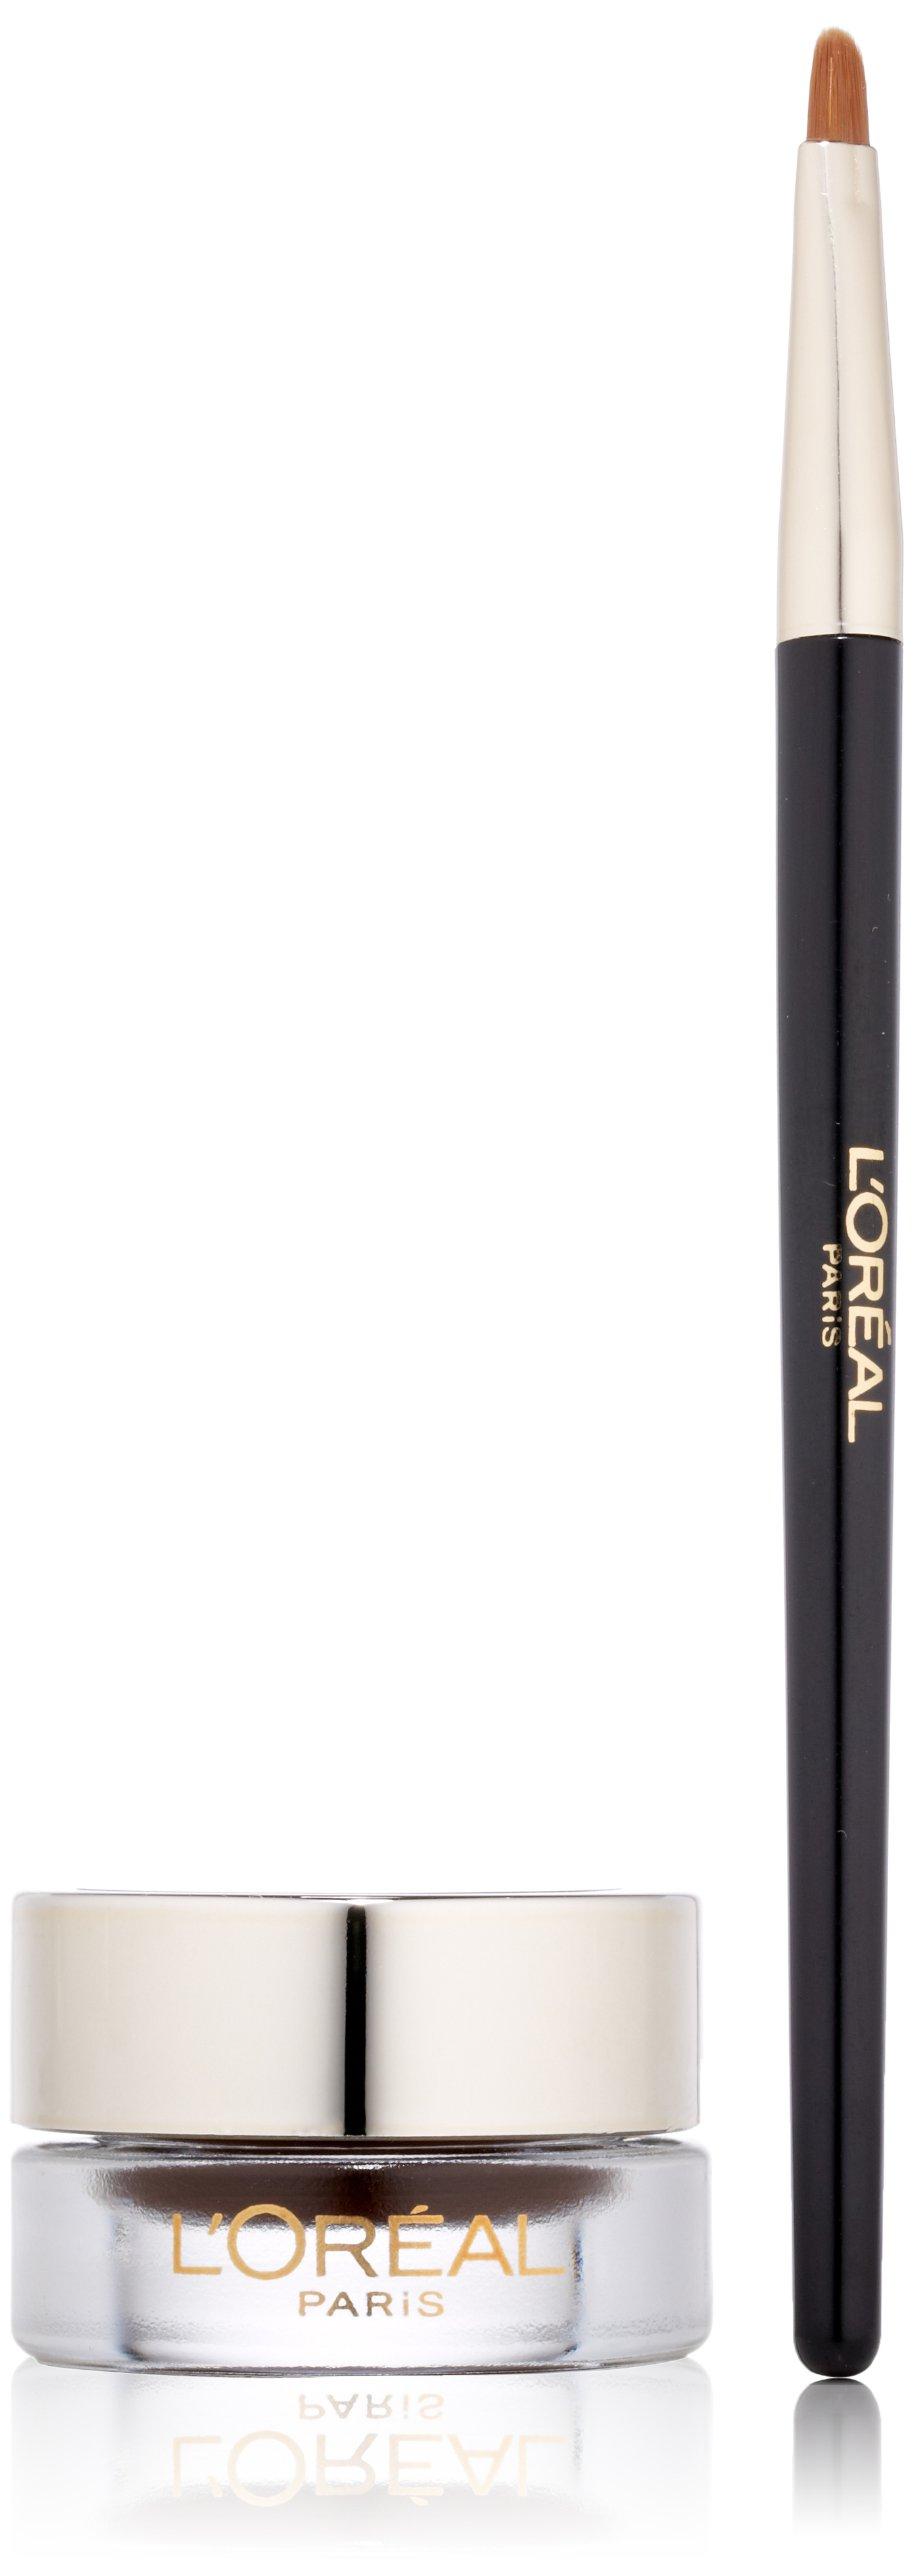 L'Oréal Paris Infallible Lacquer Eyeliner, Espresso, 0.08 oz.